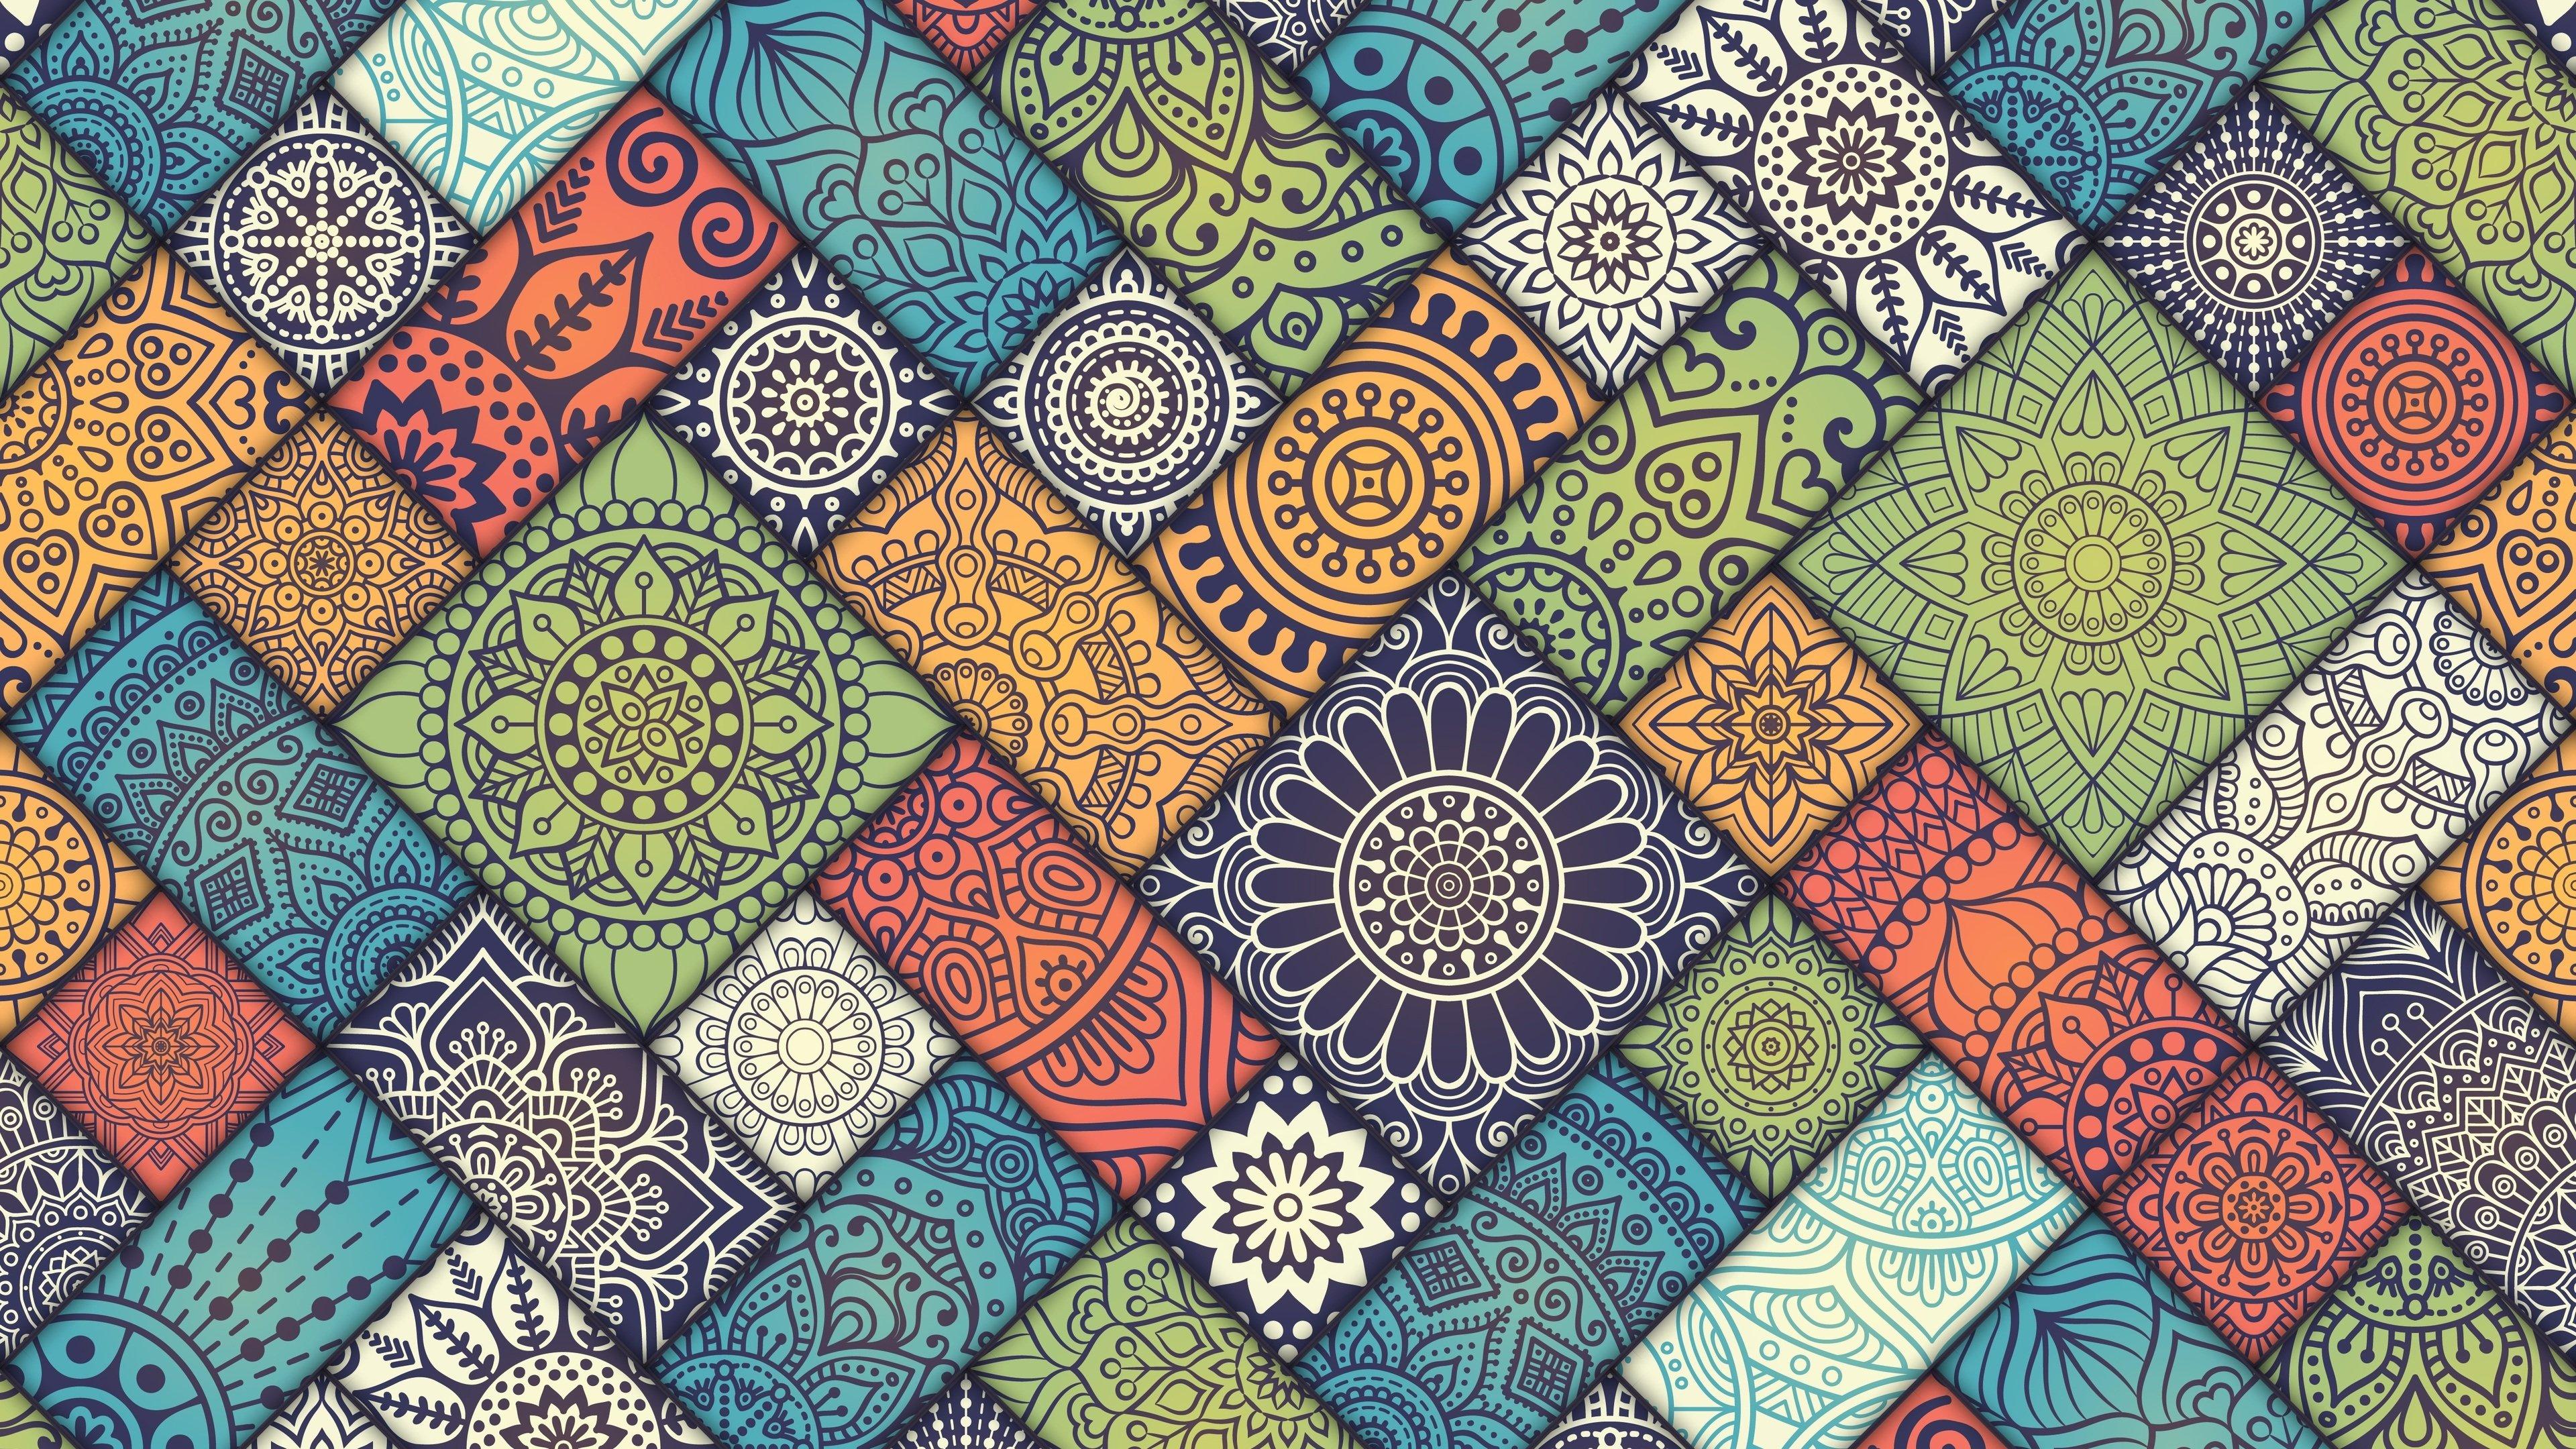 Fondos de pantalla Patrón de Mandala Abstracto